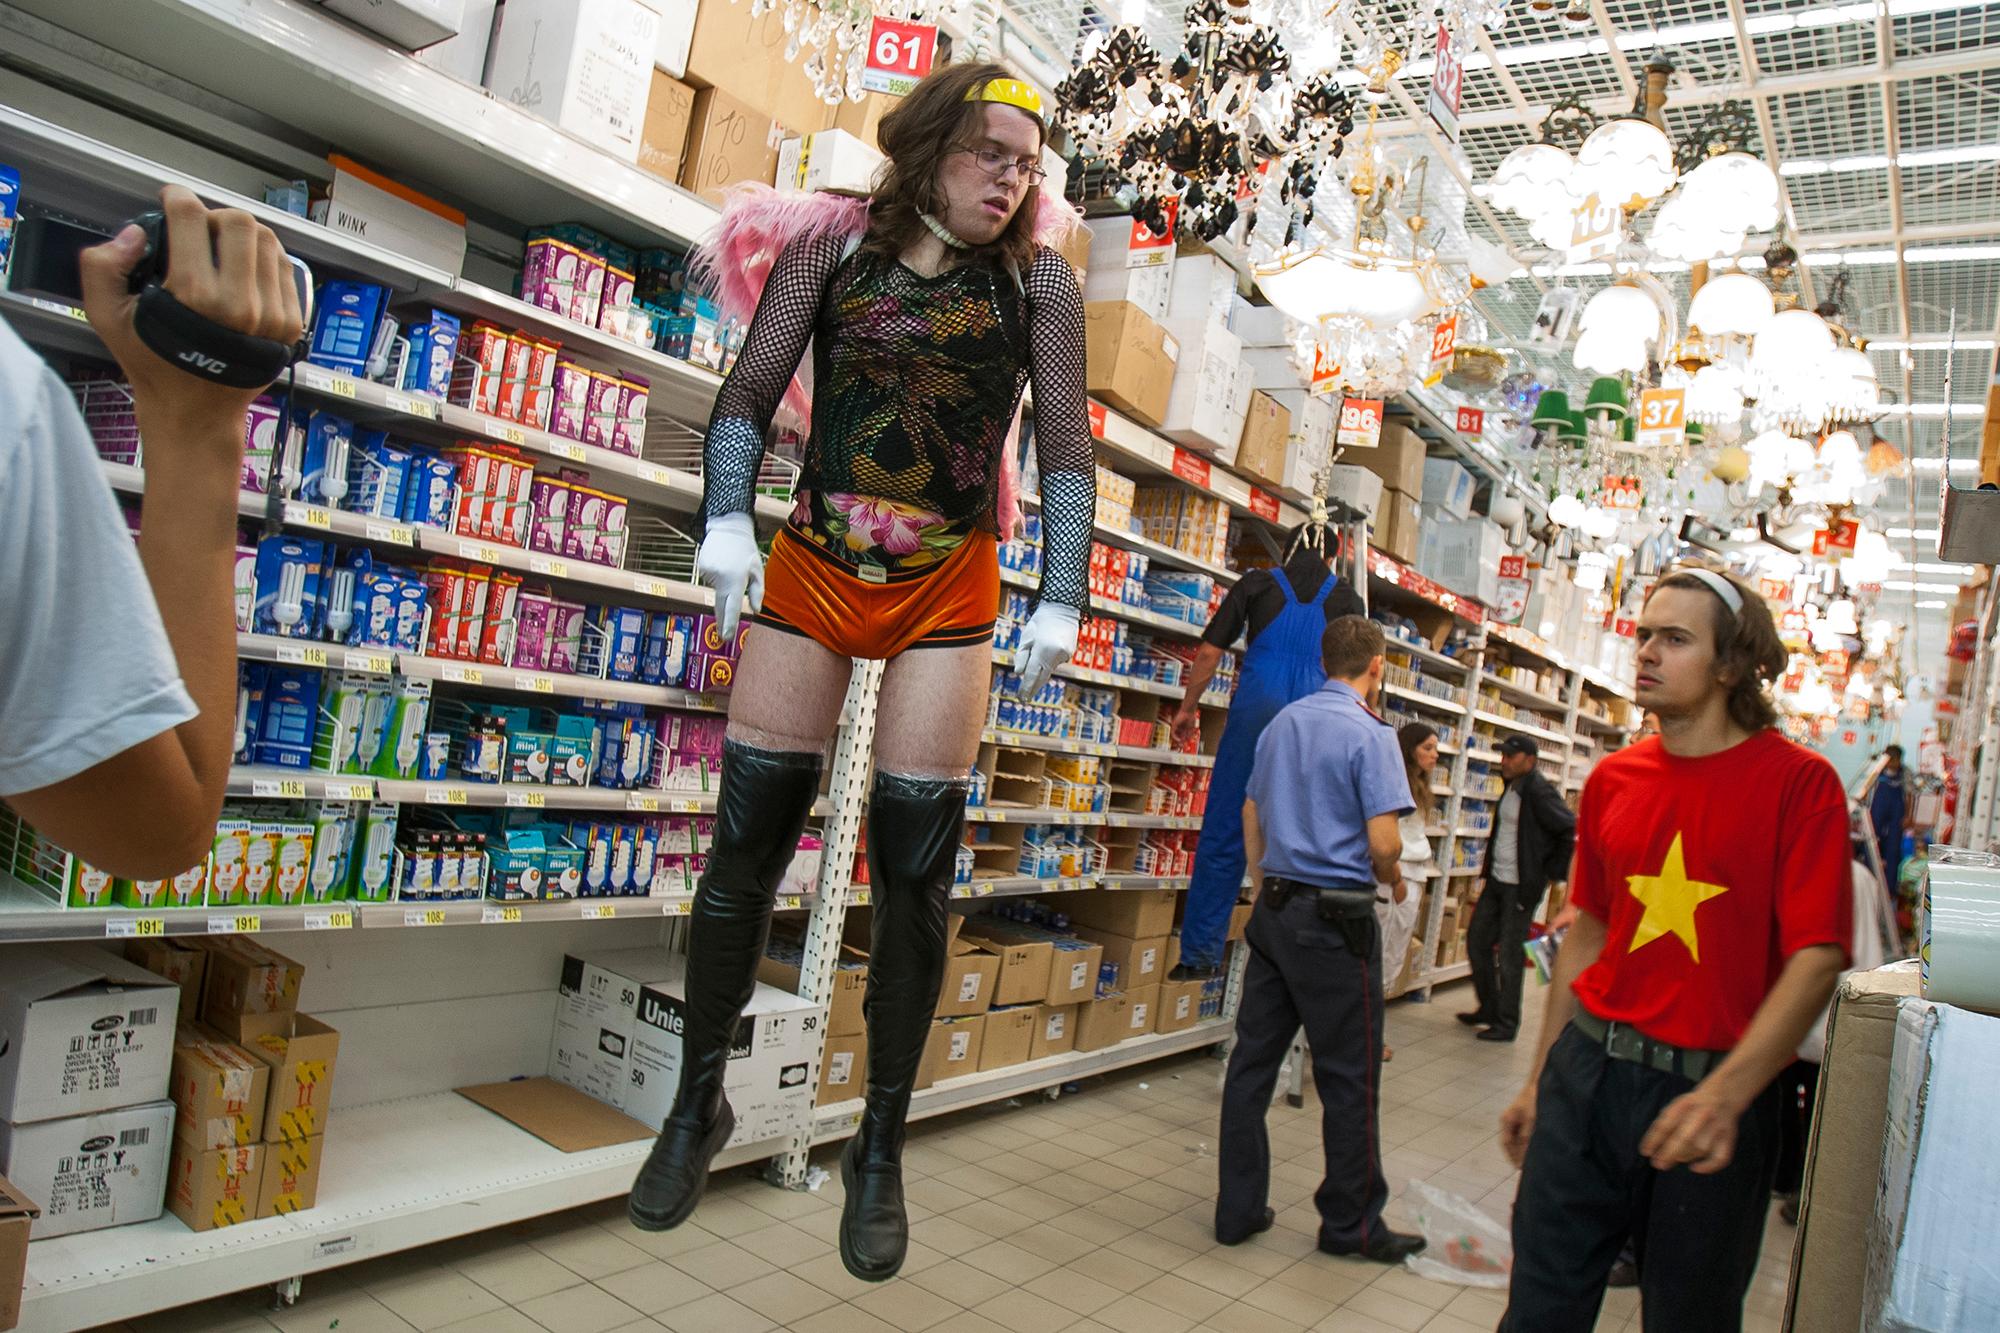 Für diese Performance am 7. September 2008 inszenierte Voina die Hinrichtung eines schwulen Aktivisten und eines Migranten im grössten Einkaufszentrum in Moskau. Der erhängte Mann im Vordergrund ist Grey Violet, ein langjähriger, enger Begleiter von Sokol und Vorotnikov und zurzeit ebenfalls in Basel.